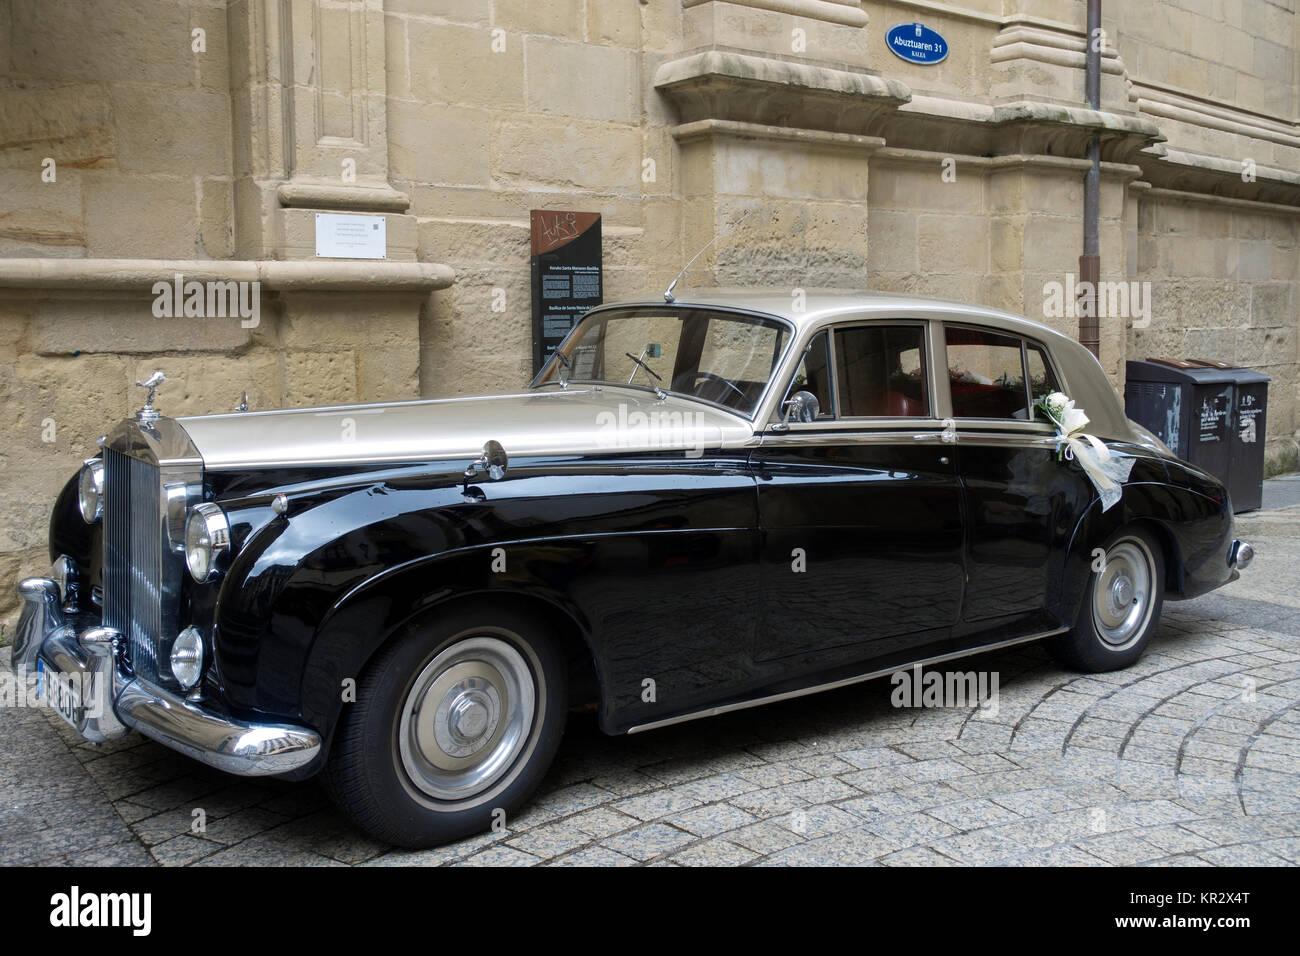 1959 Rolls-Royce Silver Cloud - Stock Image